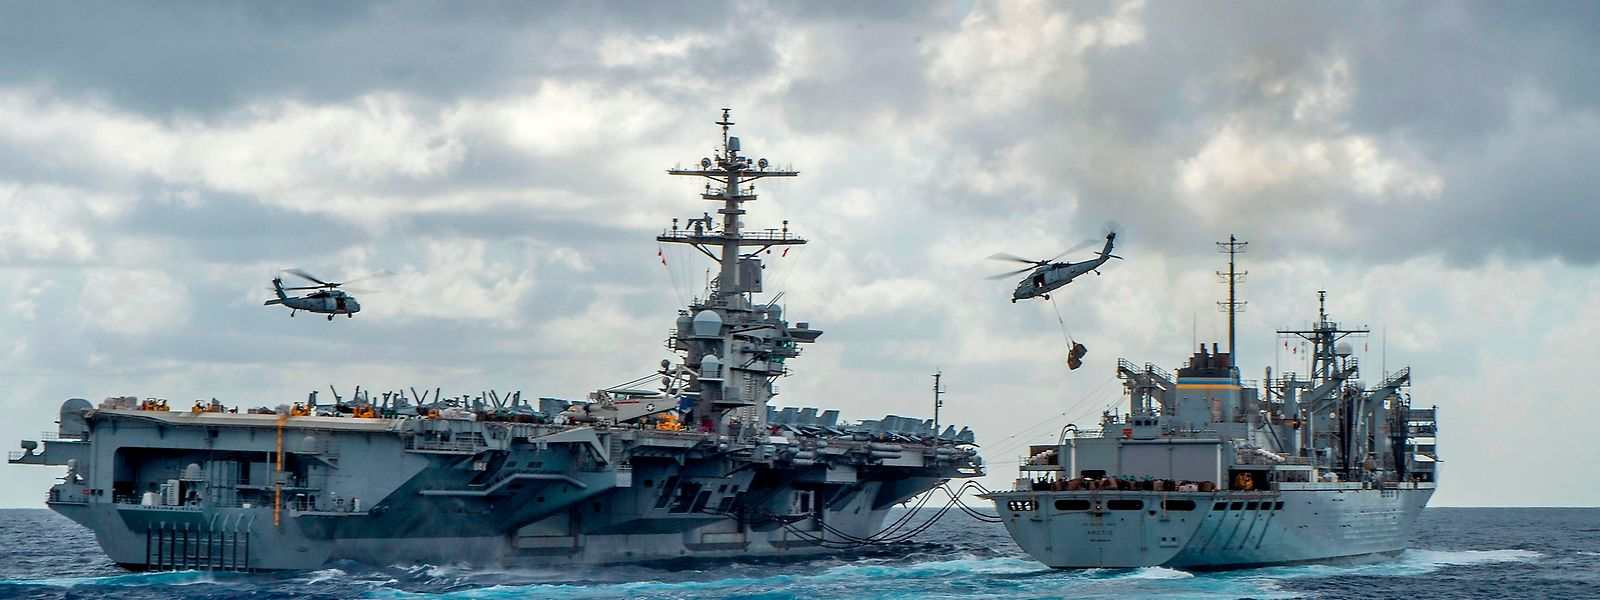 US-Präsident Trump dementierte einen Bericht über eine massive Entsendung von Soldaten in die Region.